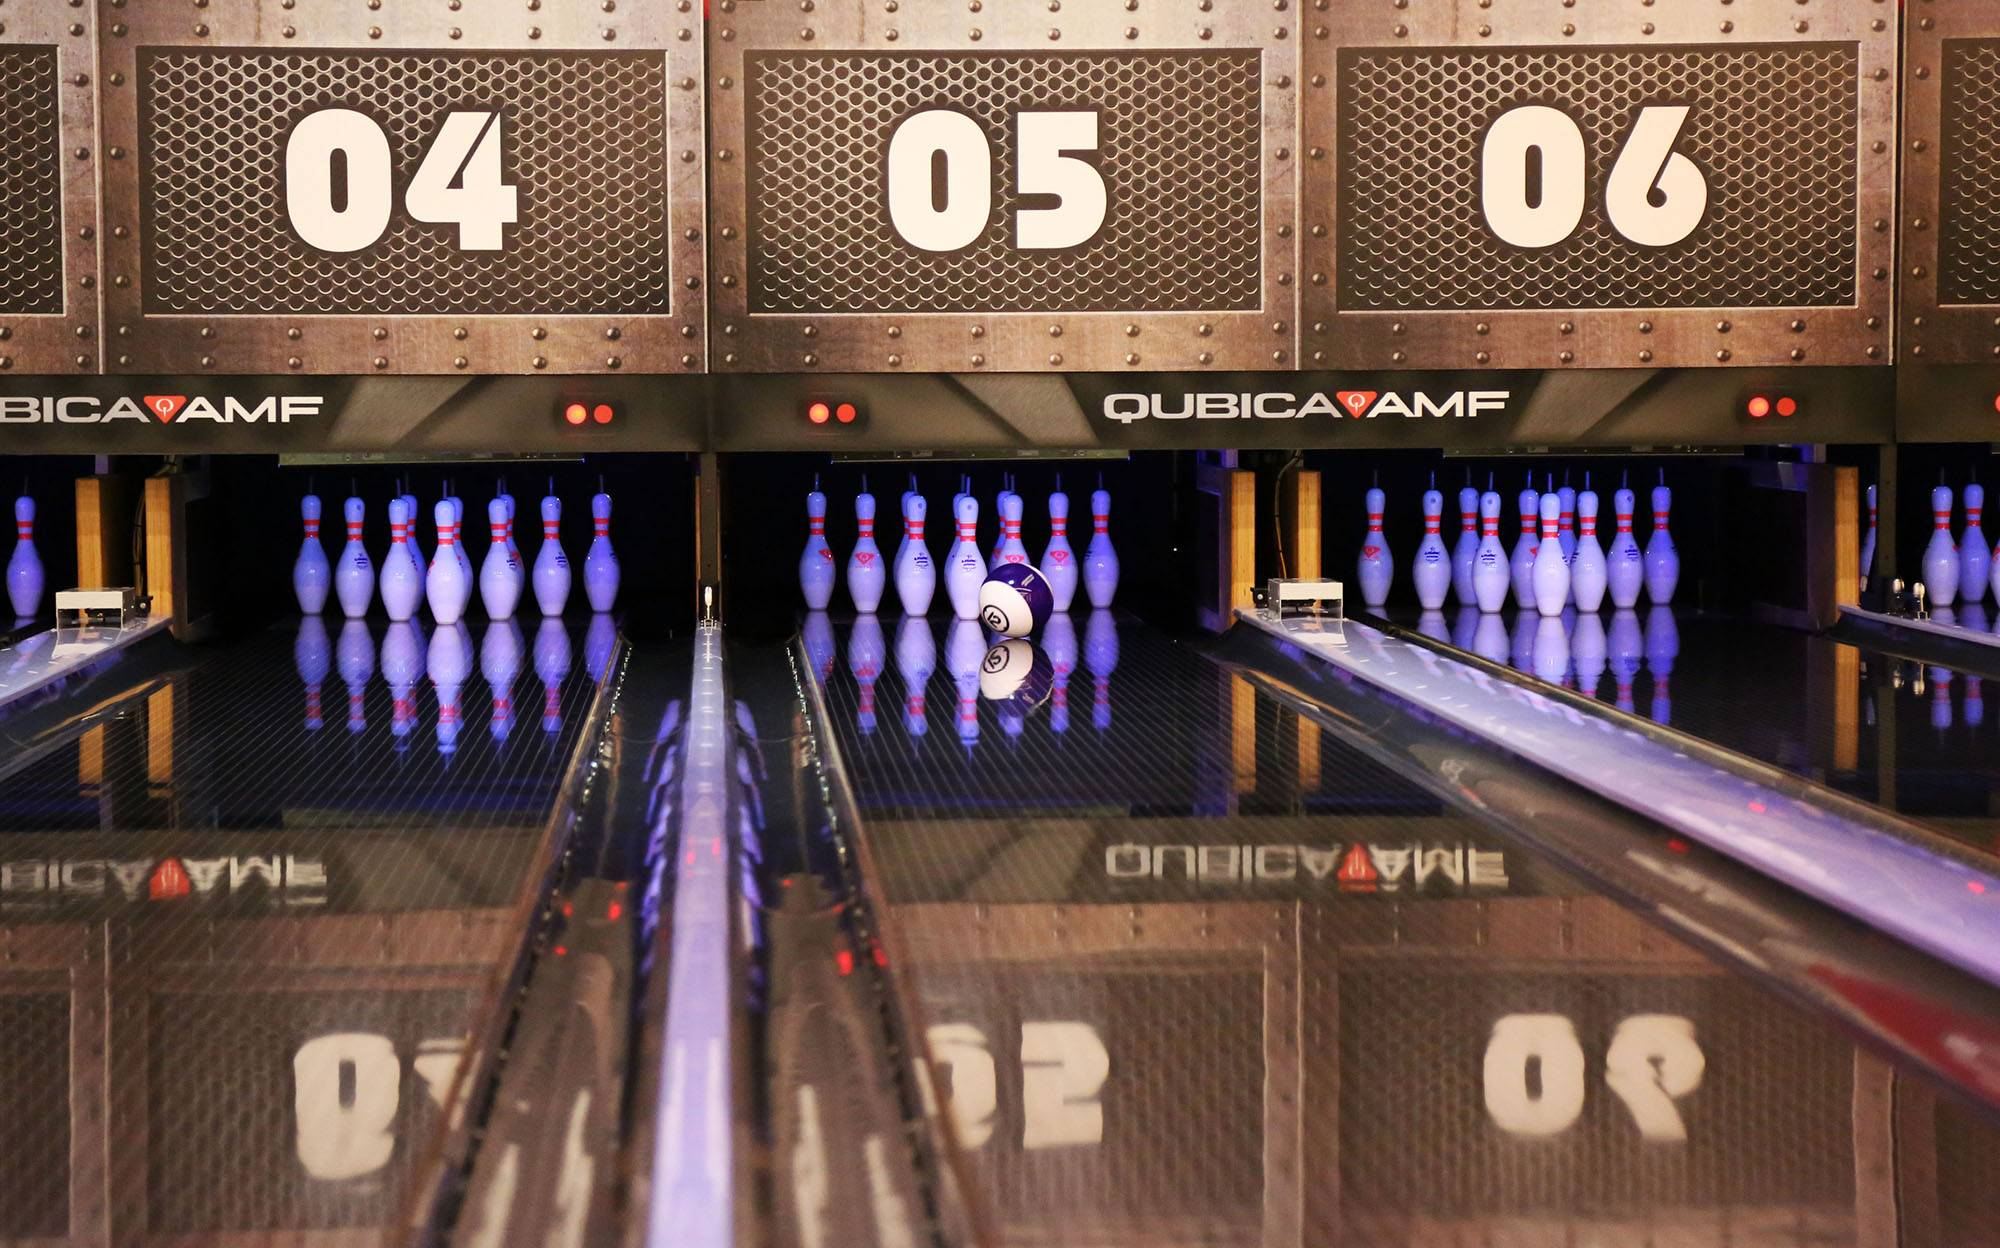 règles du jeu bowling lyon